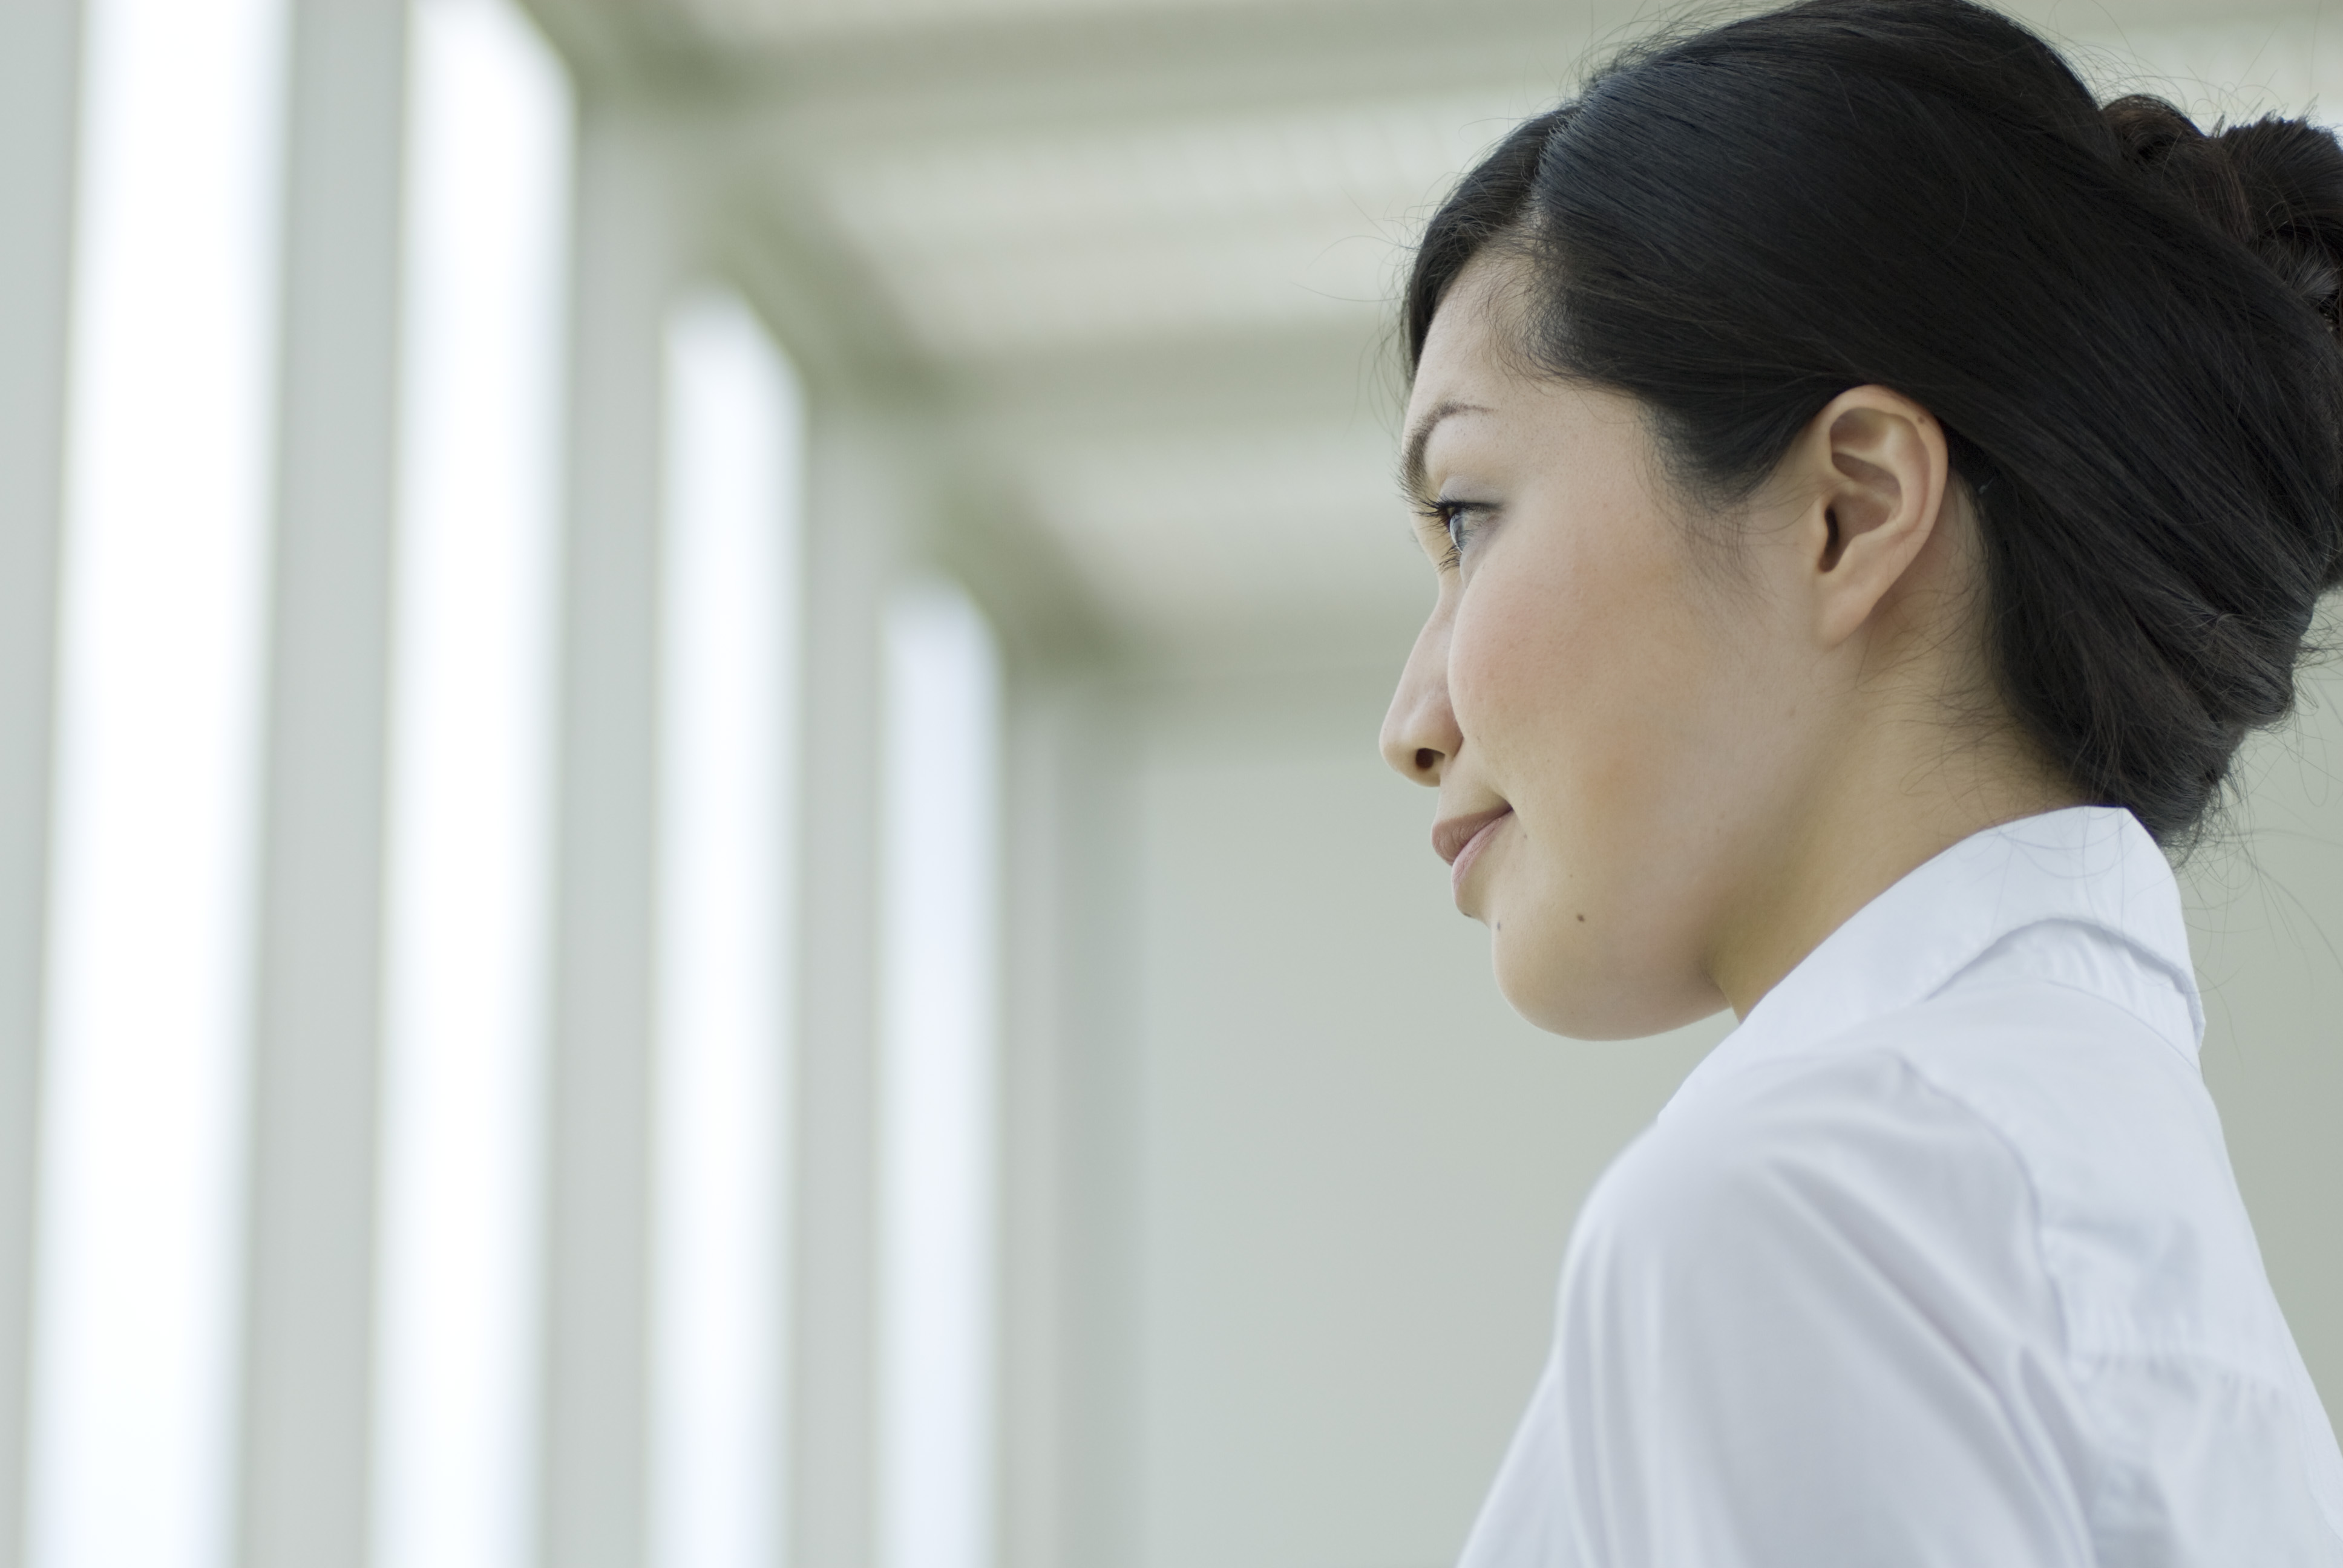 【リーン・スタートアップ、2013年の展望】次のターゲットは女性と大企業変革